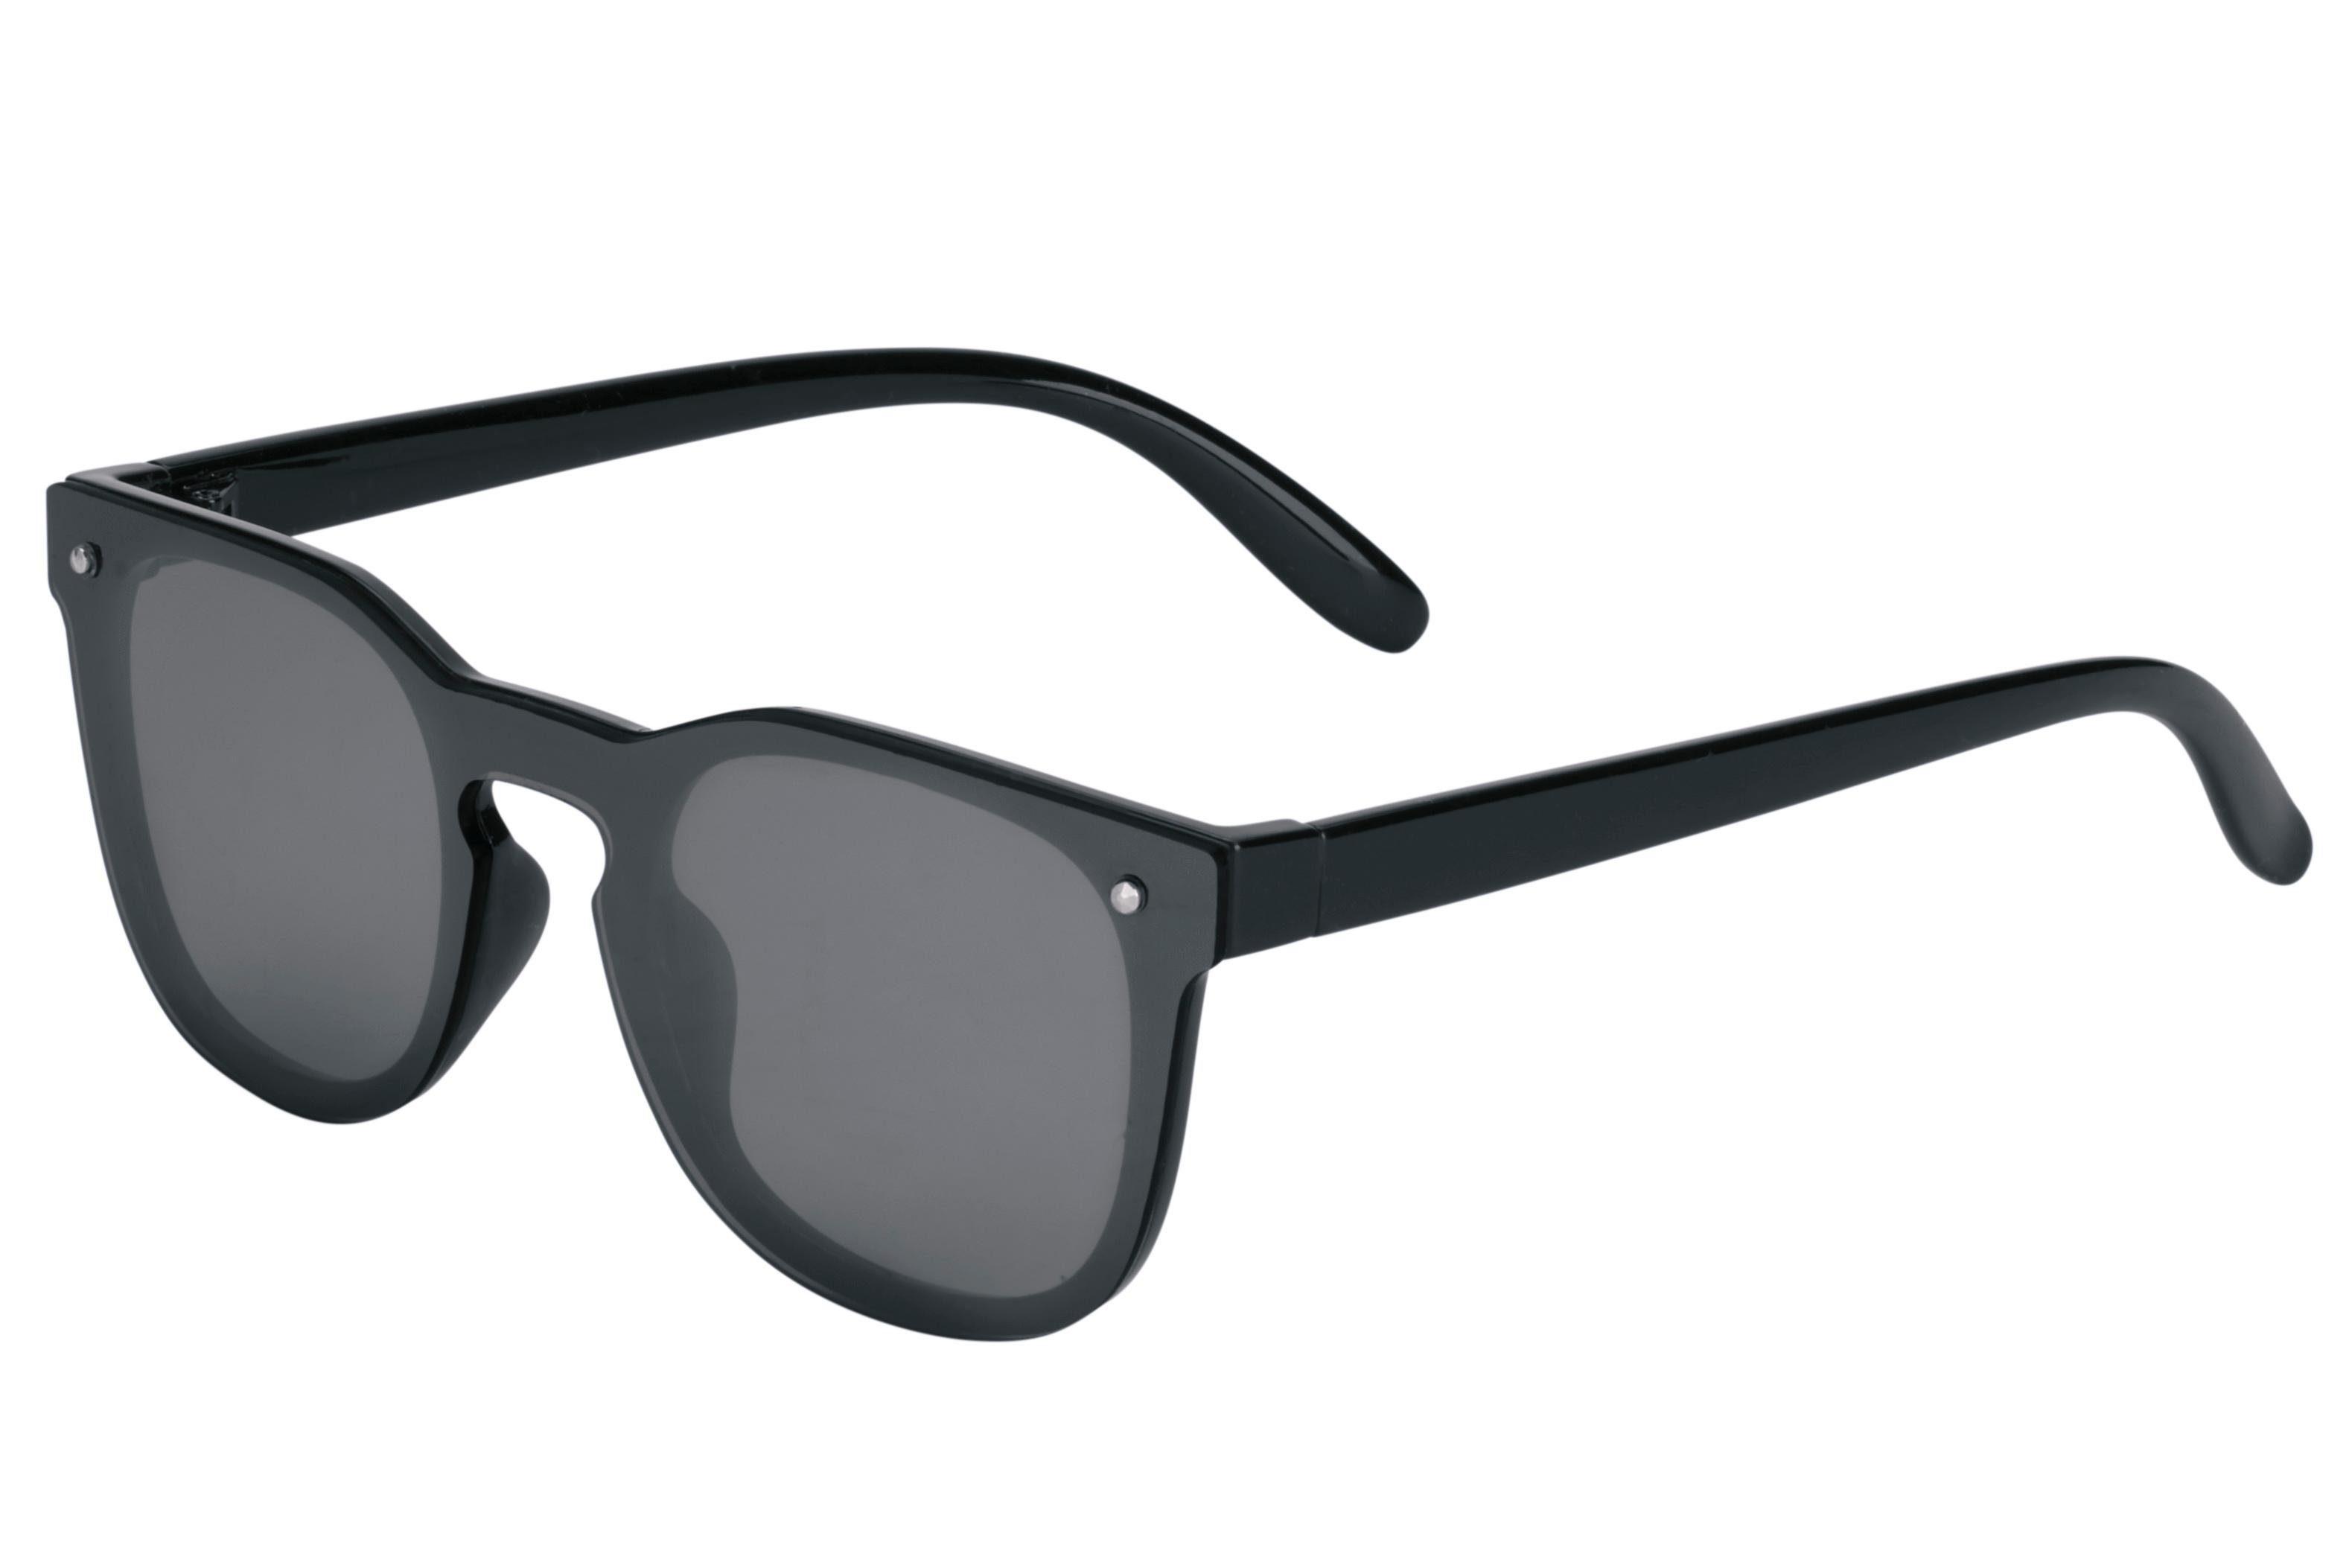 Heine Sonnenbrille Spiegeloptik